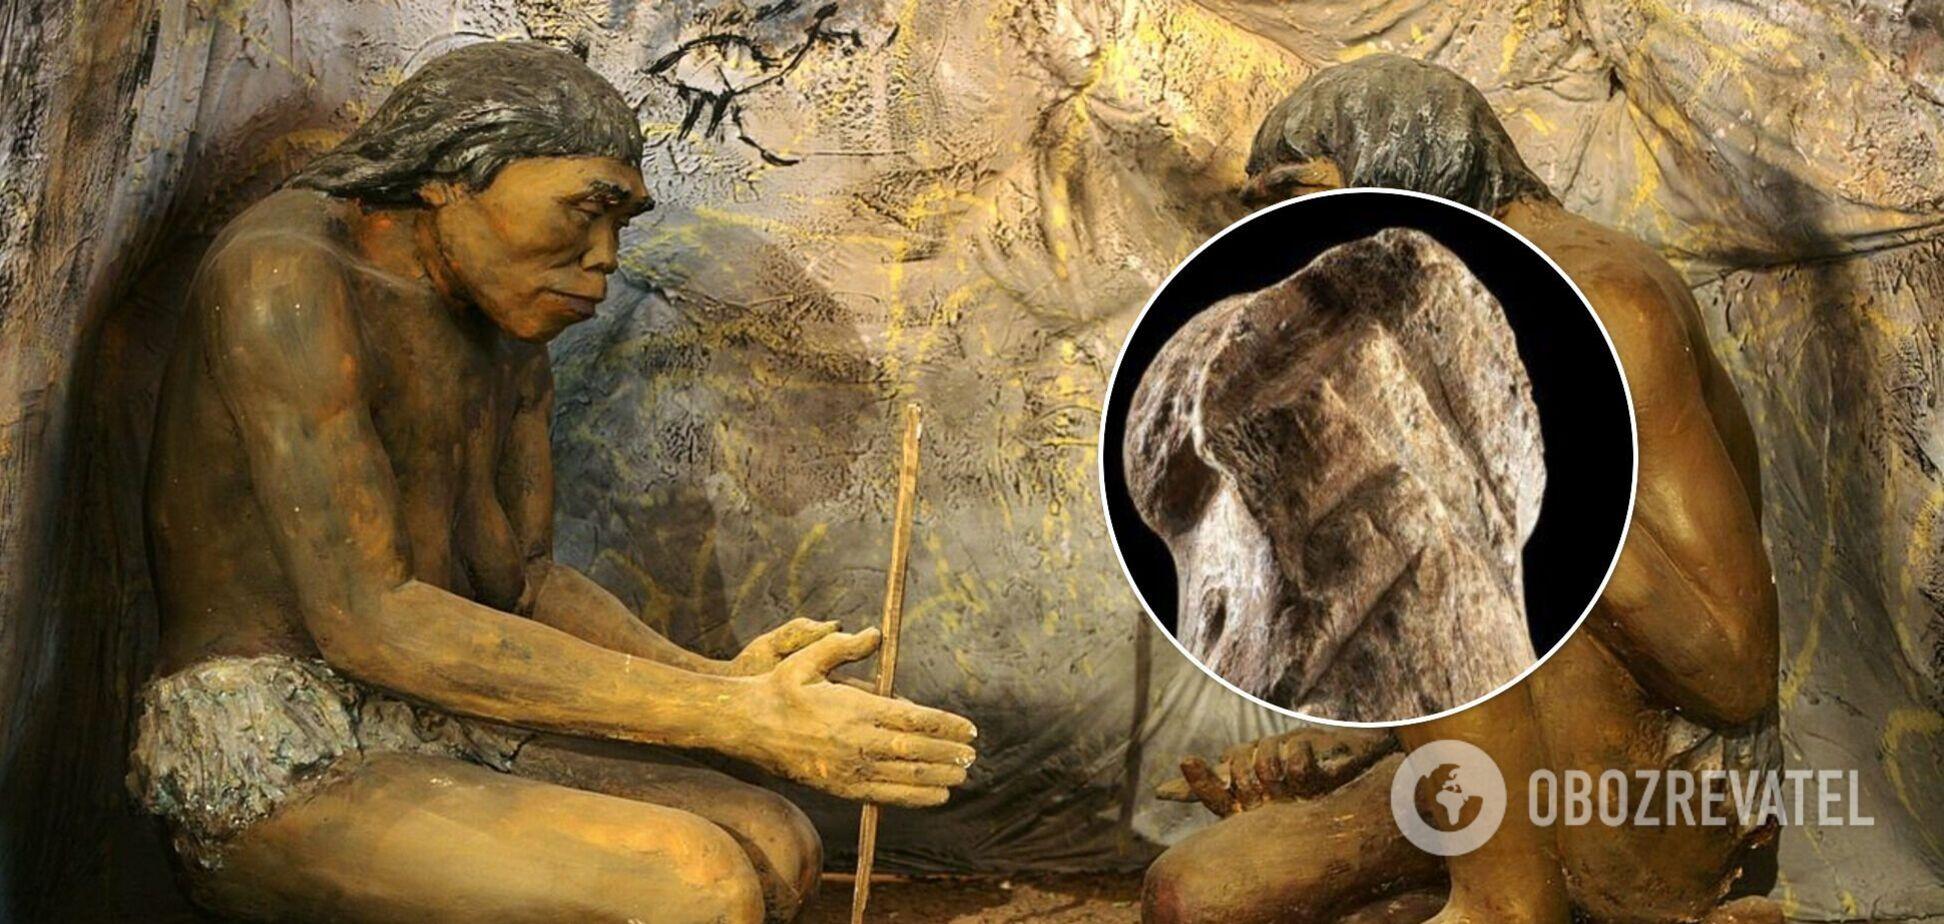 Археологи нашли древнейший орнамент, созданный неандертальцами 51 тыс. лет назад